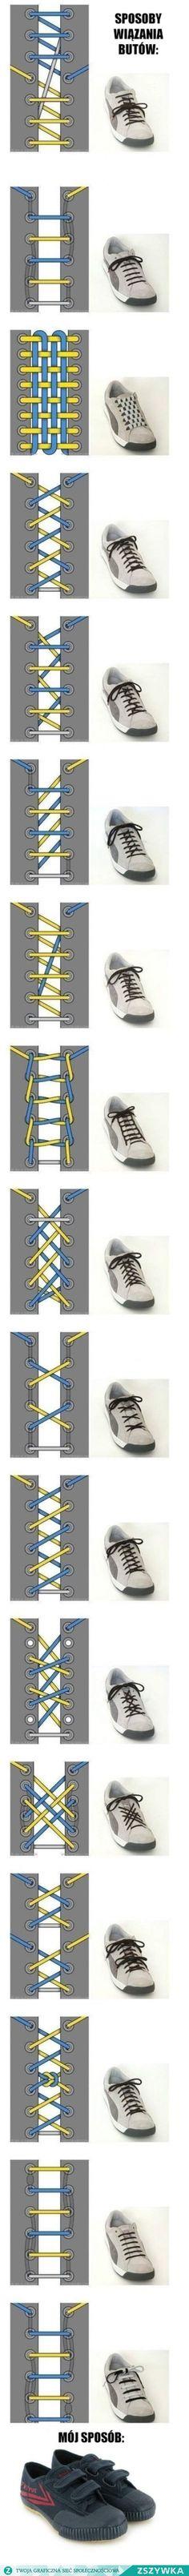 Zobacz zdjęcie Dosyć ciekawe sposoby na wiązanie butów w pełnej rozdzielczości